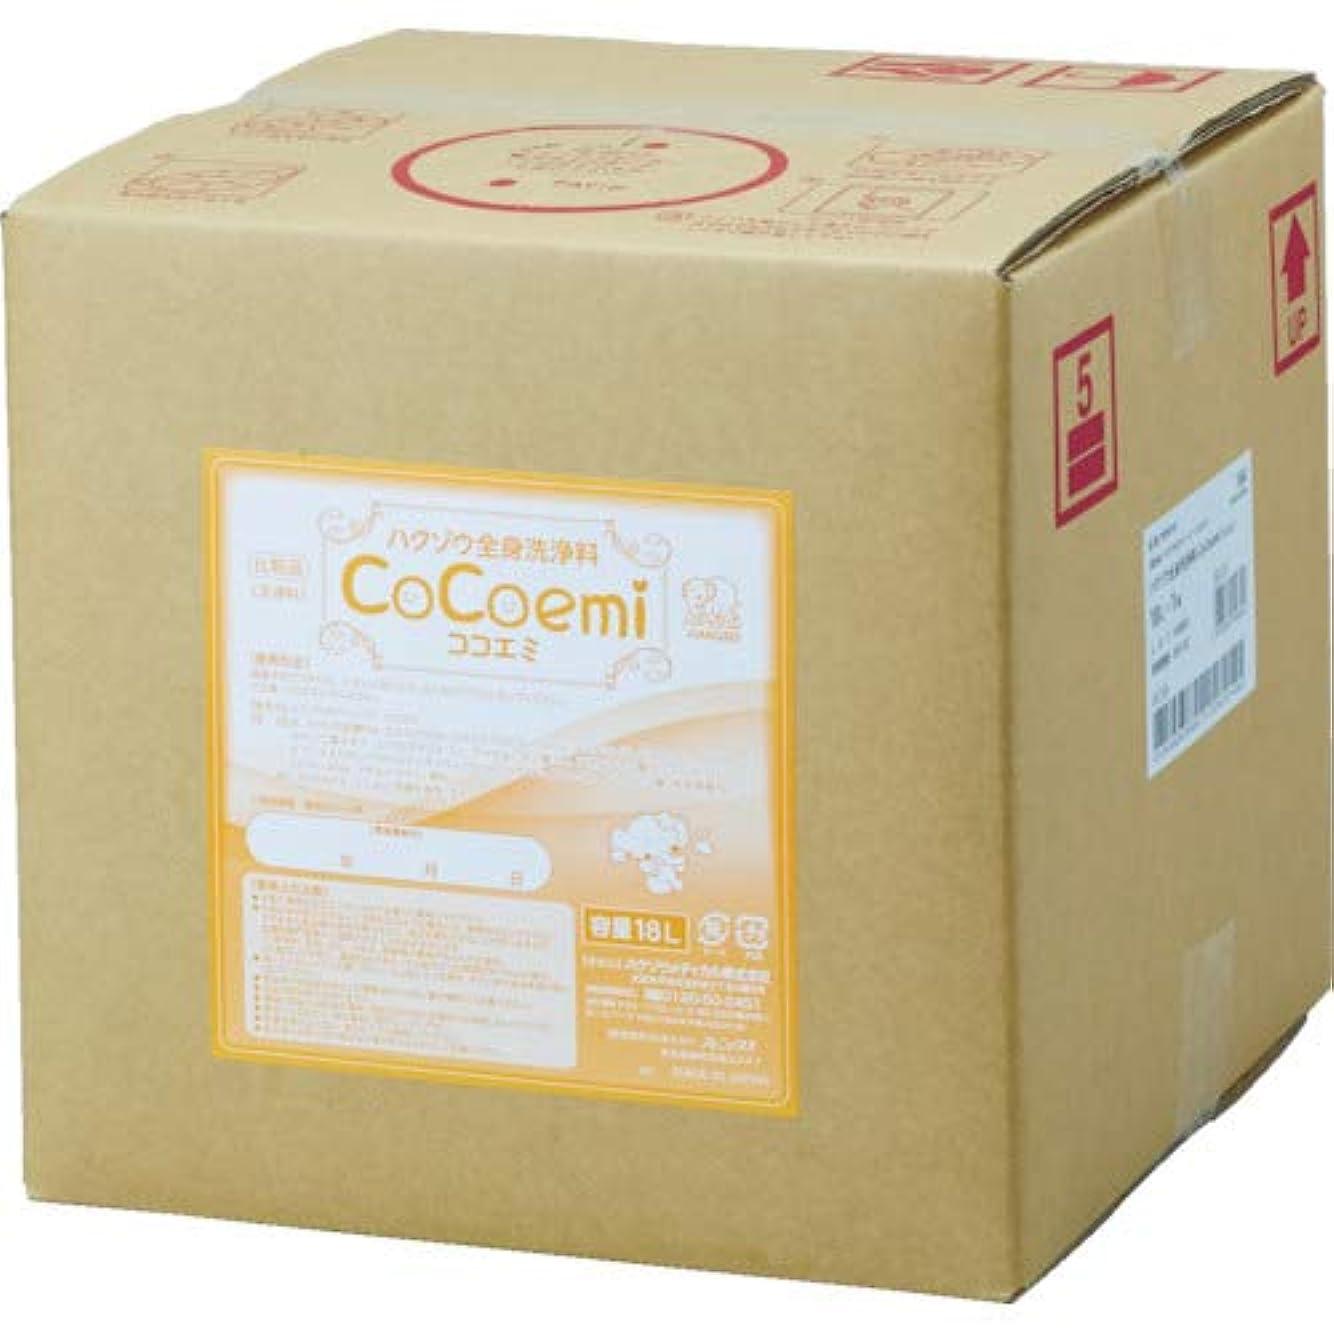 できれば天井アテンダントハクゾウメディカル ハクゾウ全身洗浄料CoCoemi(ココエミ) 18L 3009018